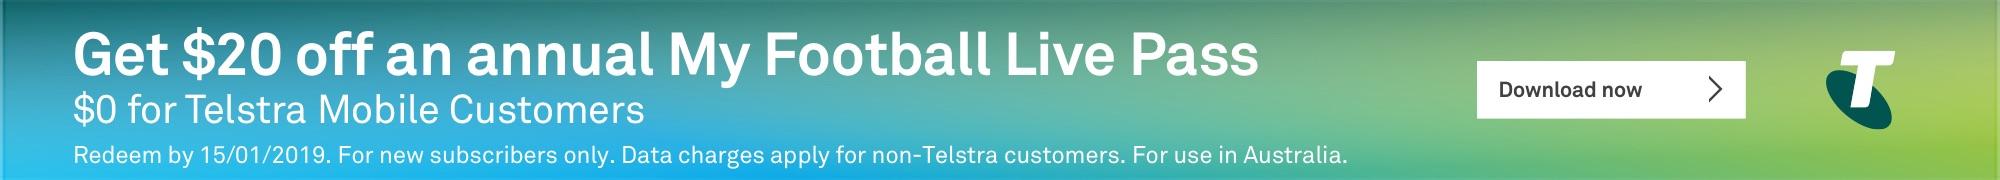 Telstra banner